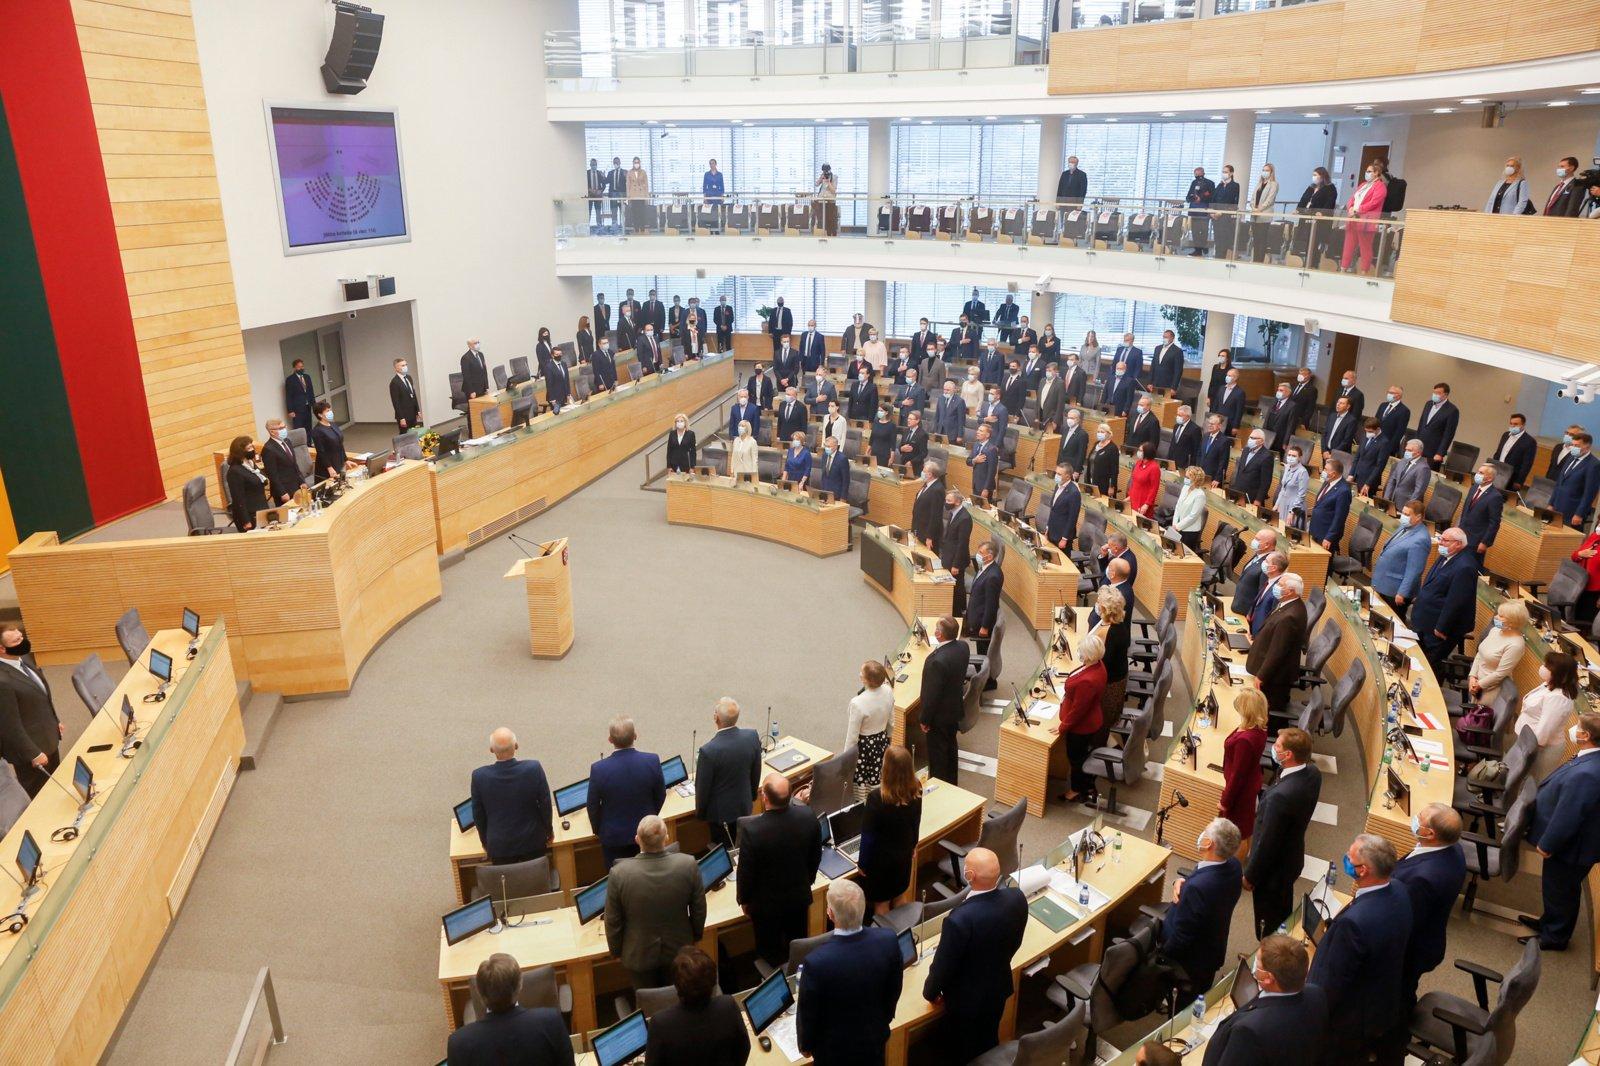 Į Seimą neperrinktiems parlamentarams išeitinę išmoką siūloma mokėti dalimis